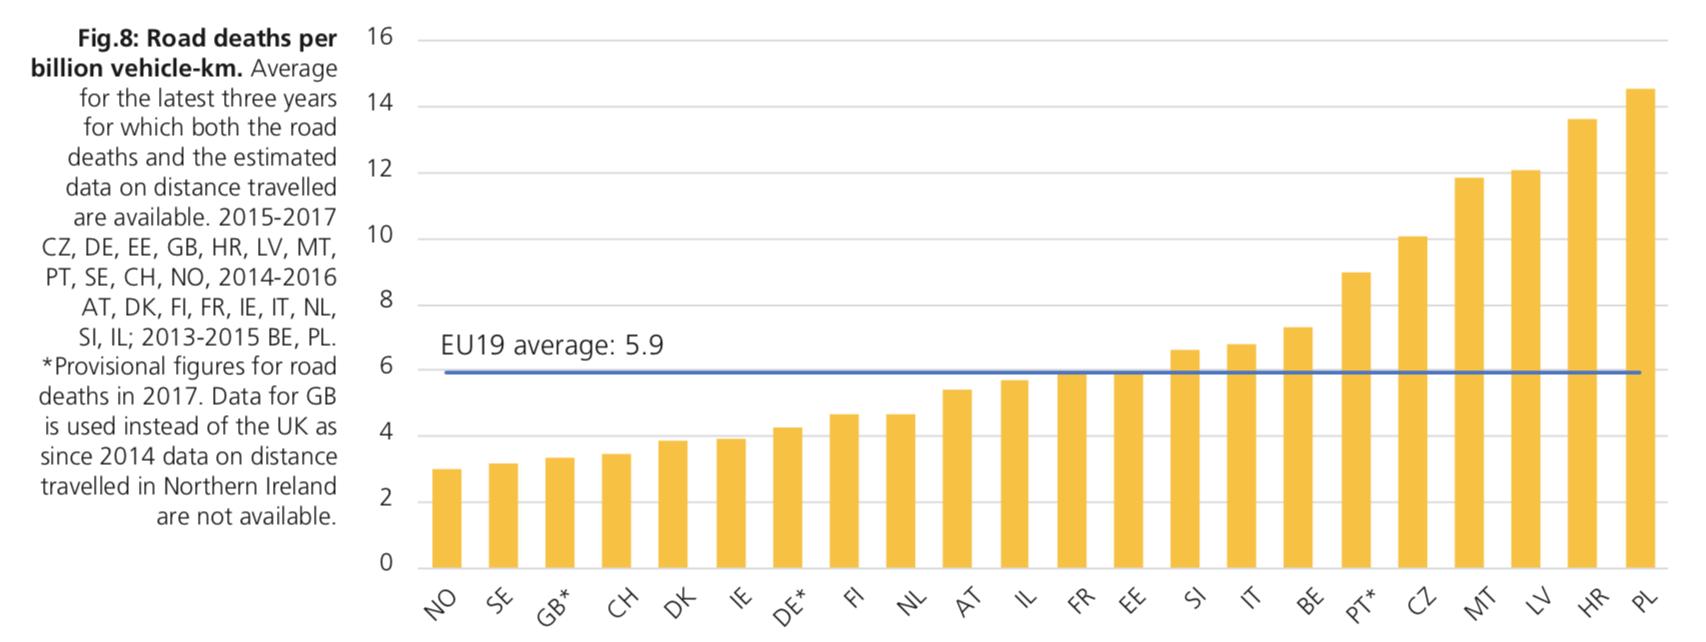 Liczba ofiar wypadków na miliard kilometrów przejechanych przez samochody w latach 2015-2017 Źródło: Raport ETSC